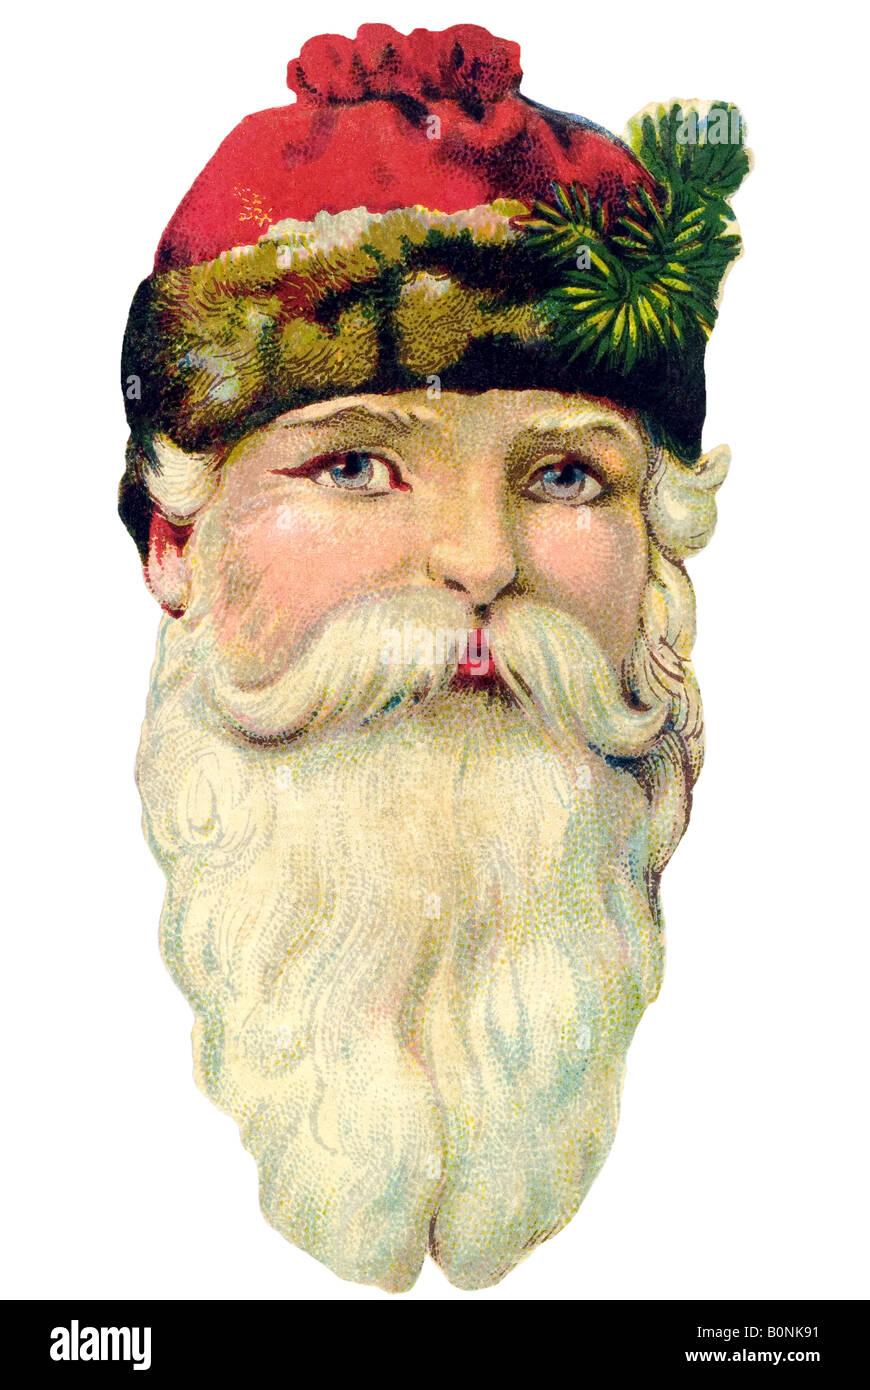 Vecchio Babbo Natale cappuccio rosso e grande barba bianca del XIX secolo in Germania Immagini Stock